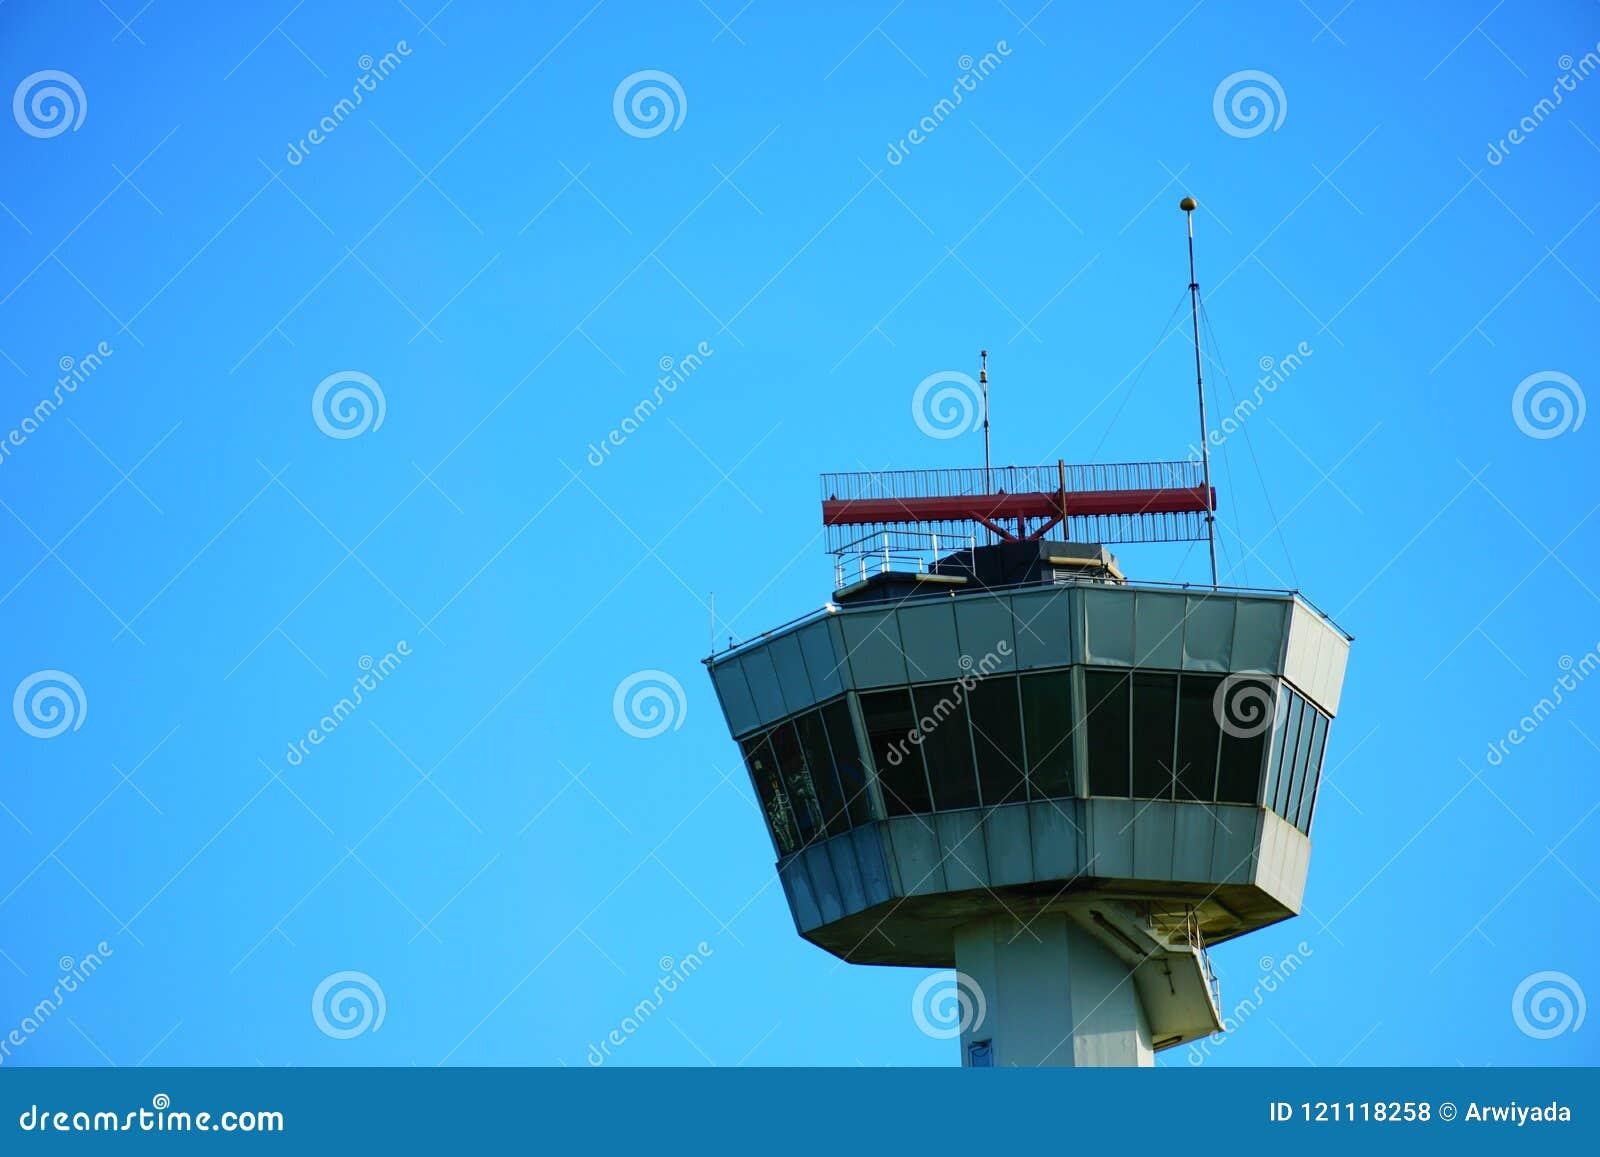 LUFTFAHRT- RADIO-` s hoher Himmelturm an aitport Standort